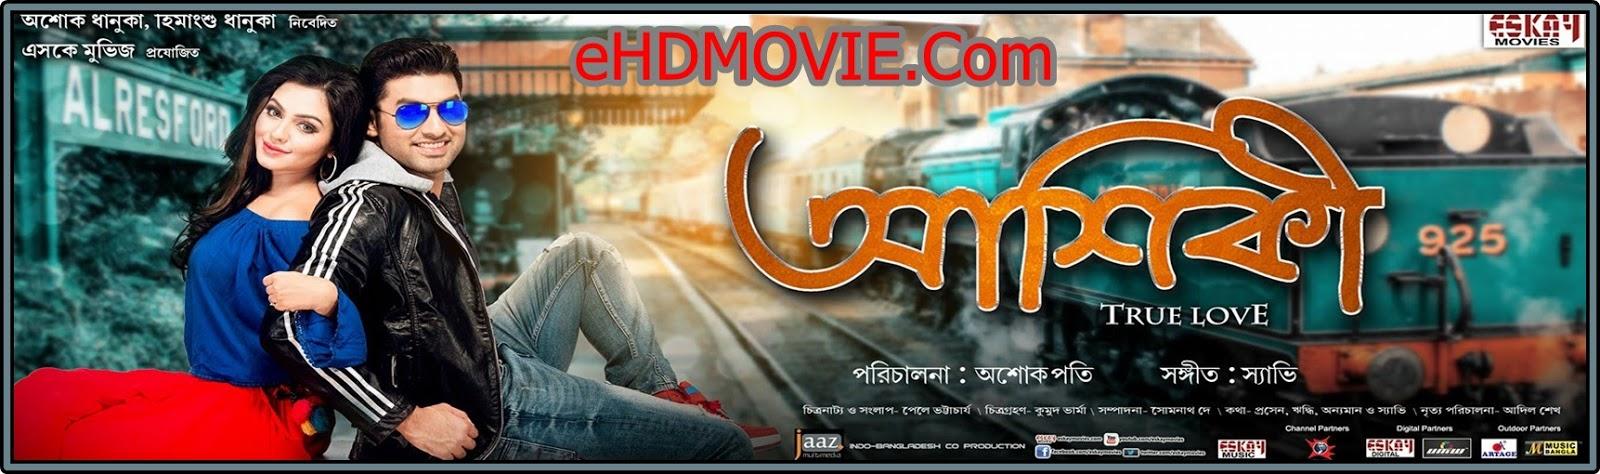 Aashiqui 2015 Bengali Full Movie Original 720p ORG WEB-DL 1.1GB